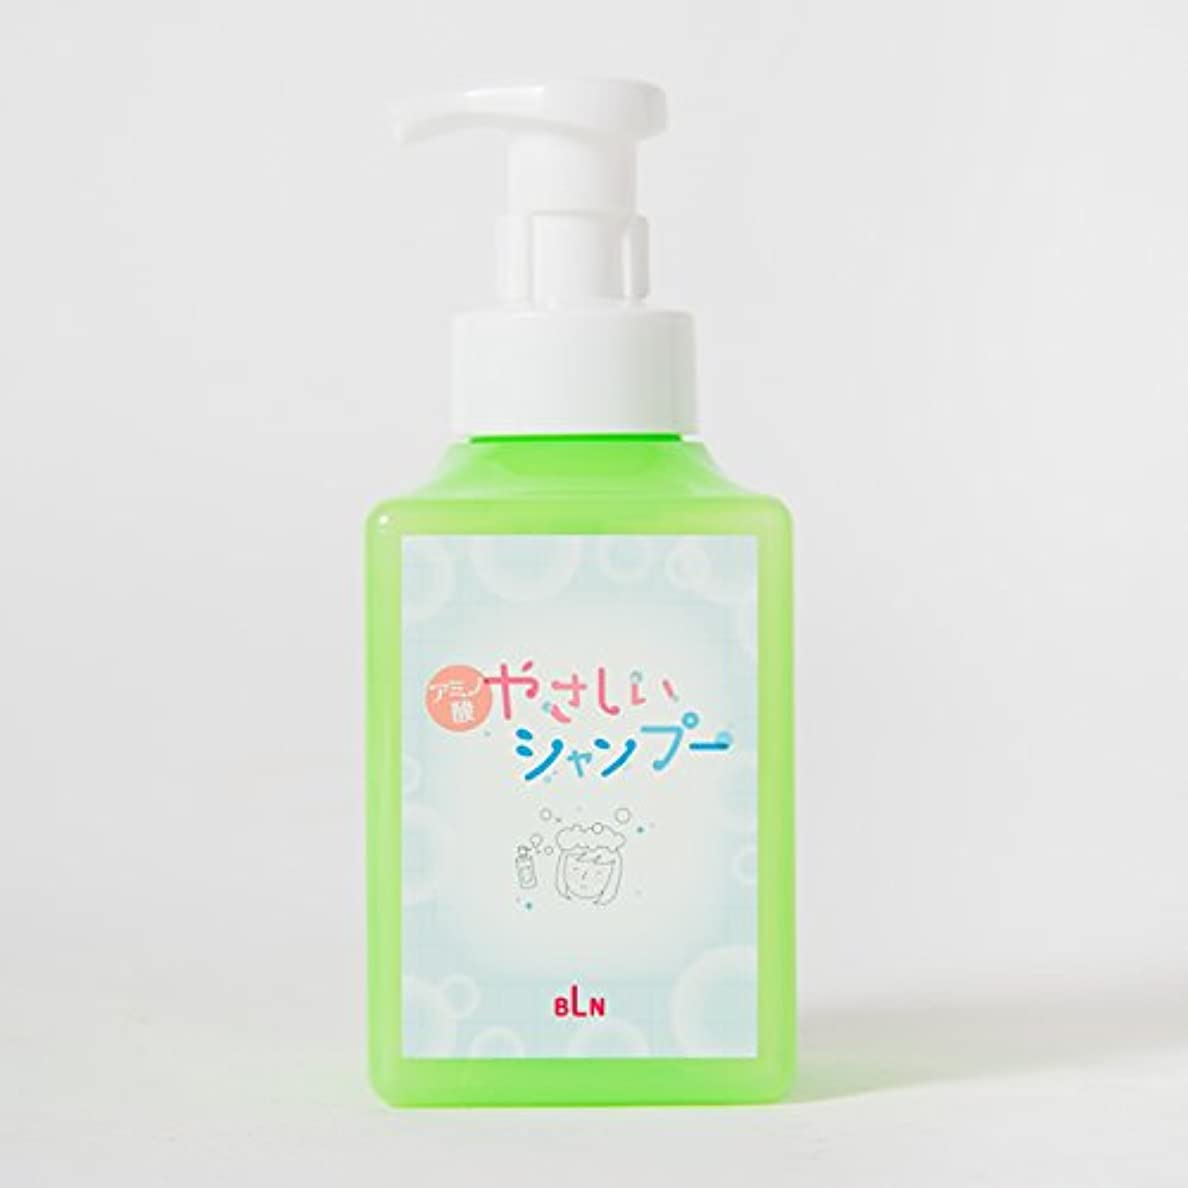 著名な洗う面積BLNやさしいシャンプー、LaBやさしいオイル、ママプレマ(安心な入浴セット)